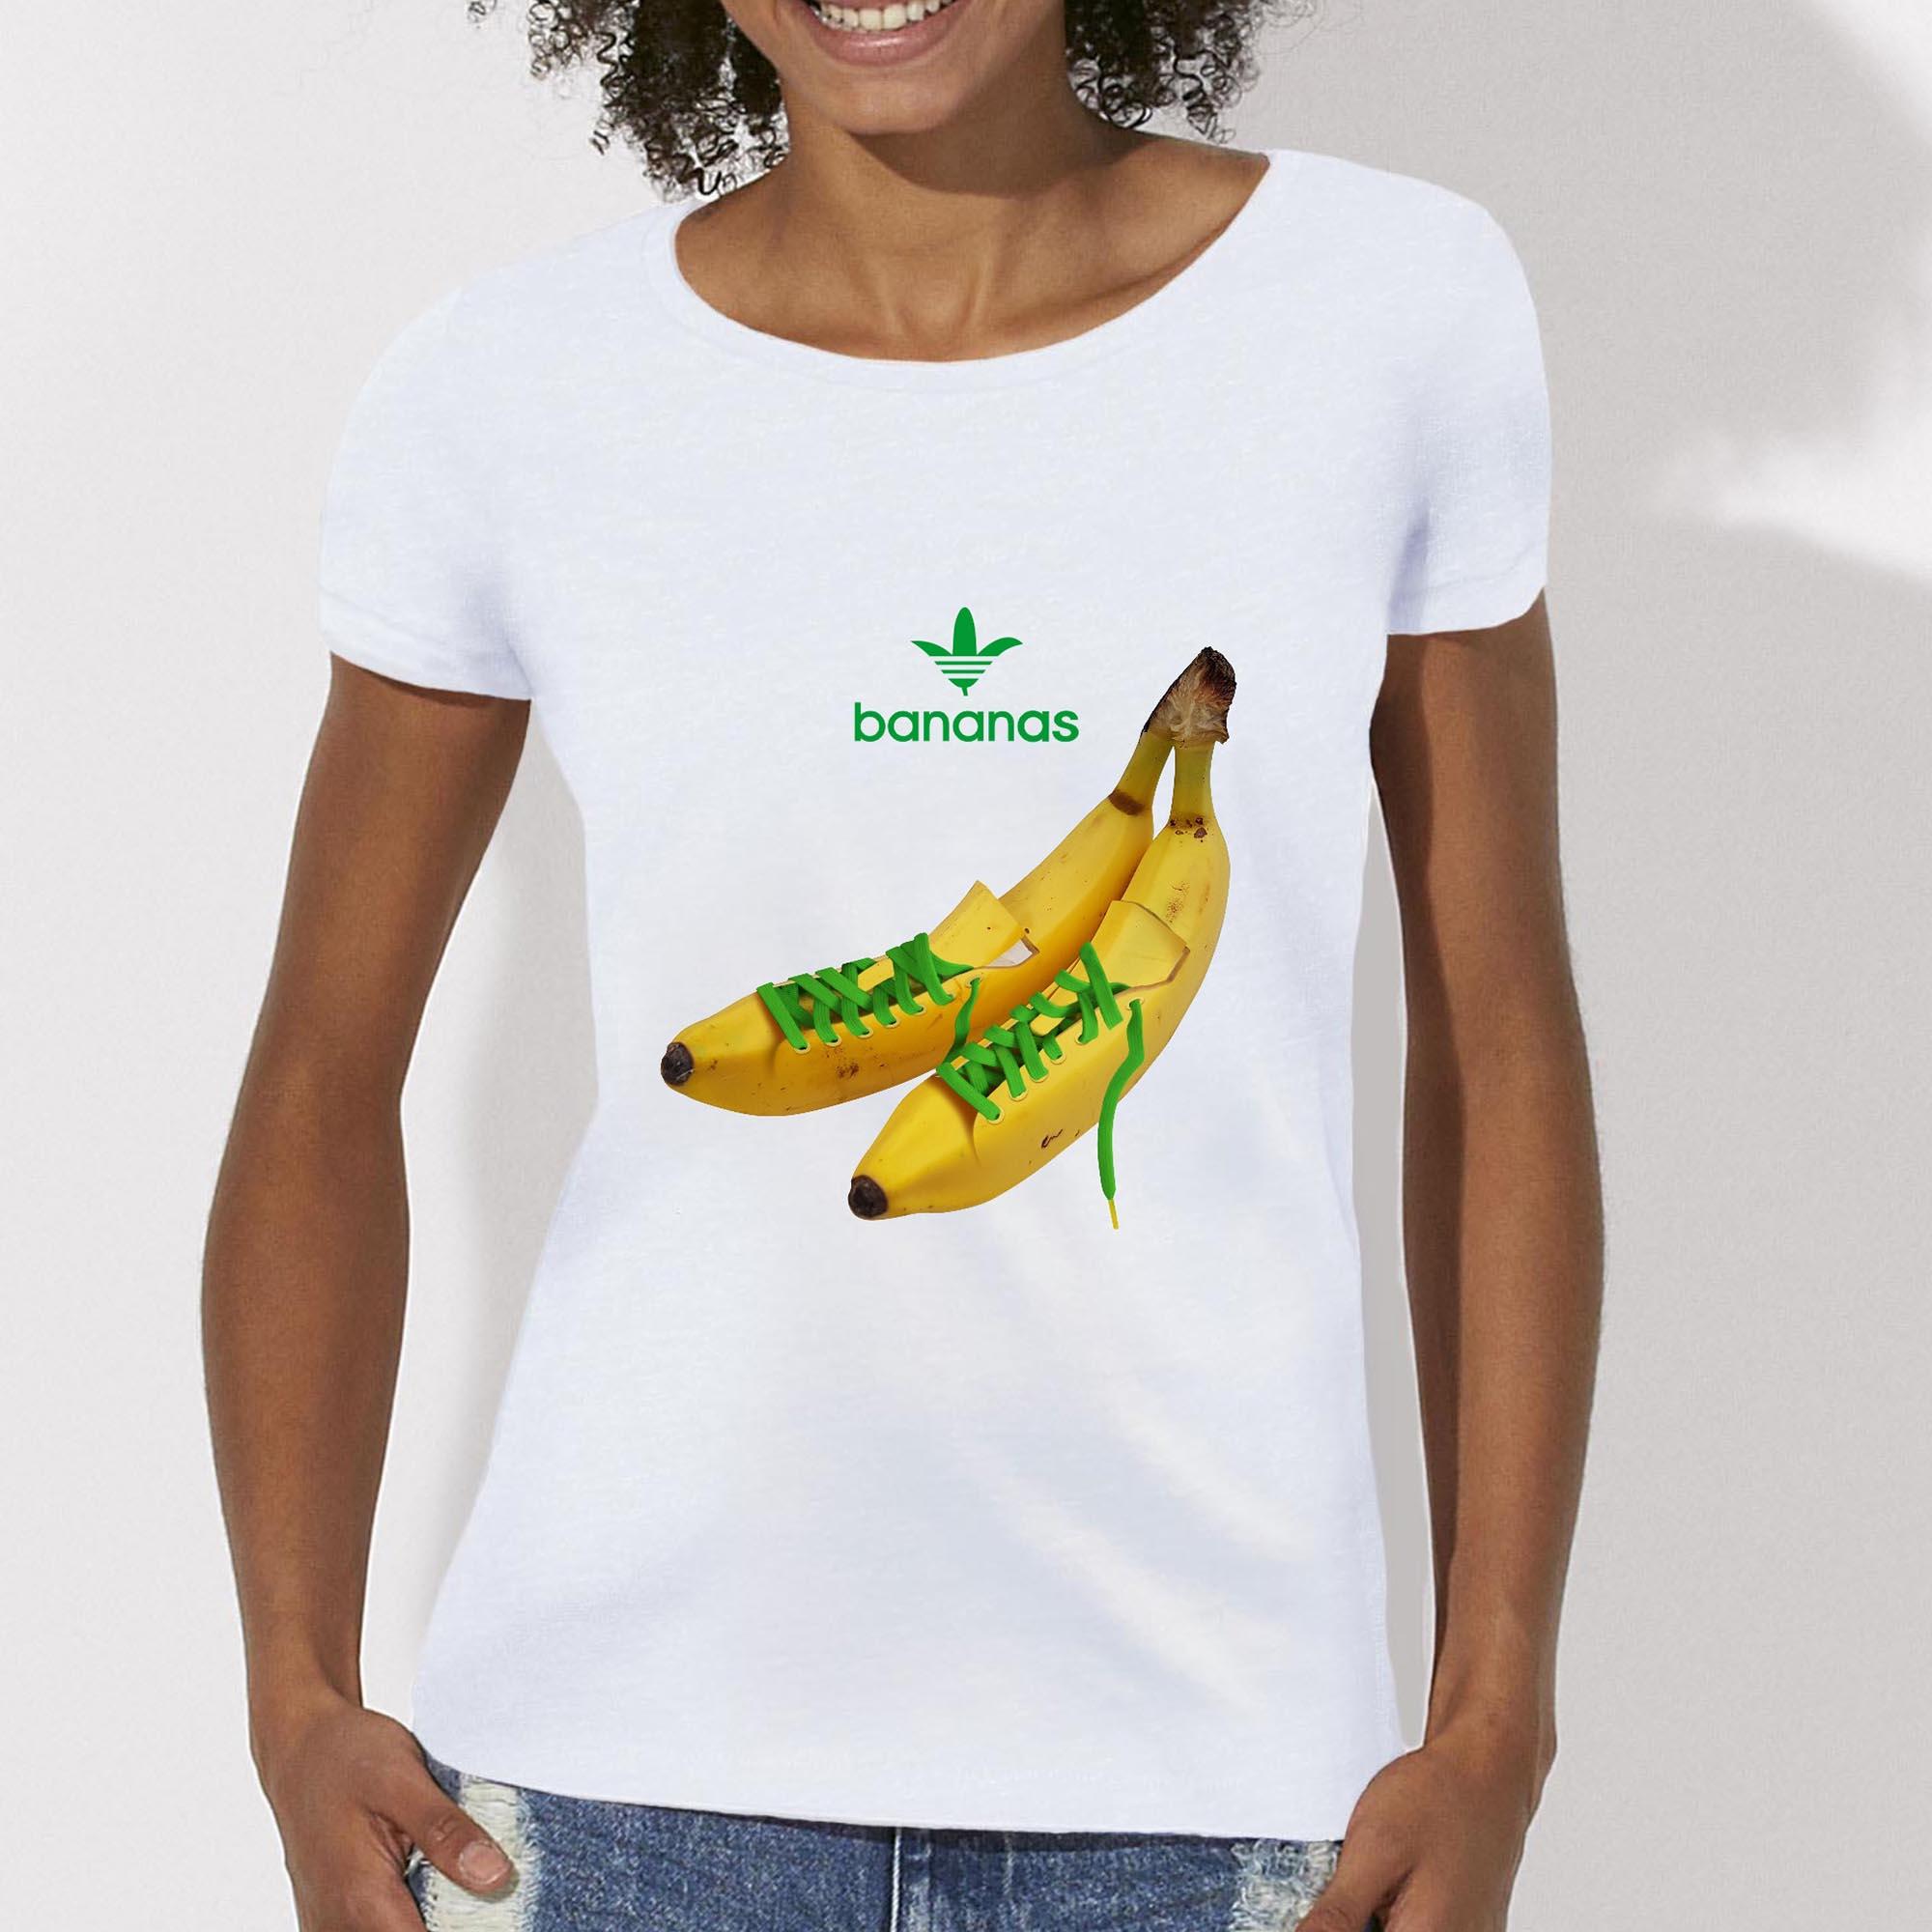 88fc969d8427 ... T-shirt Original Bananas. Continuons dans le détournement ...